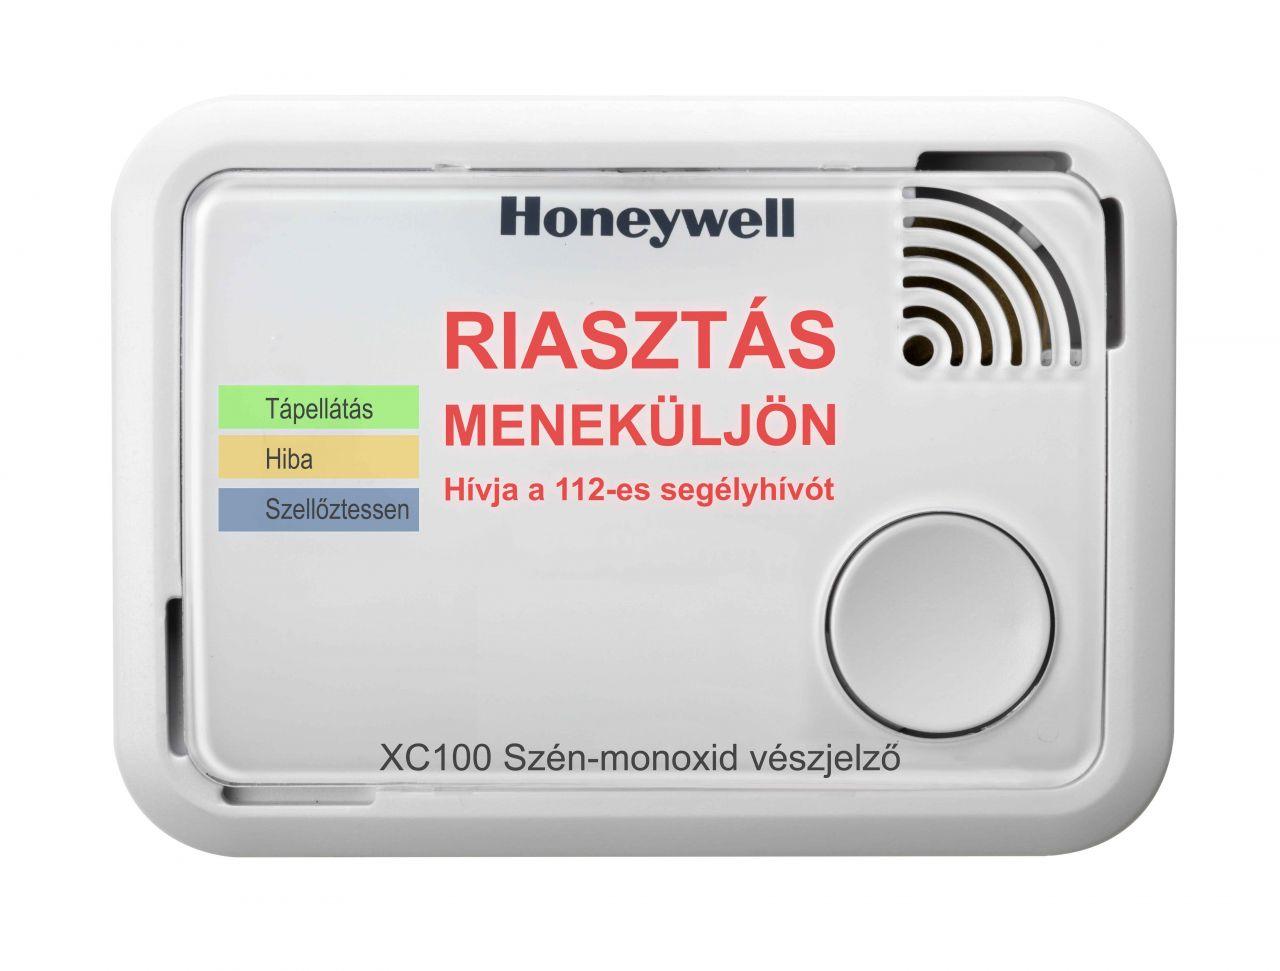 Honeywell XC100 szén-monoxid vészjelző